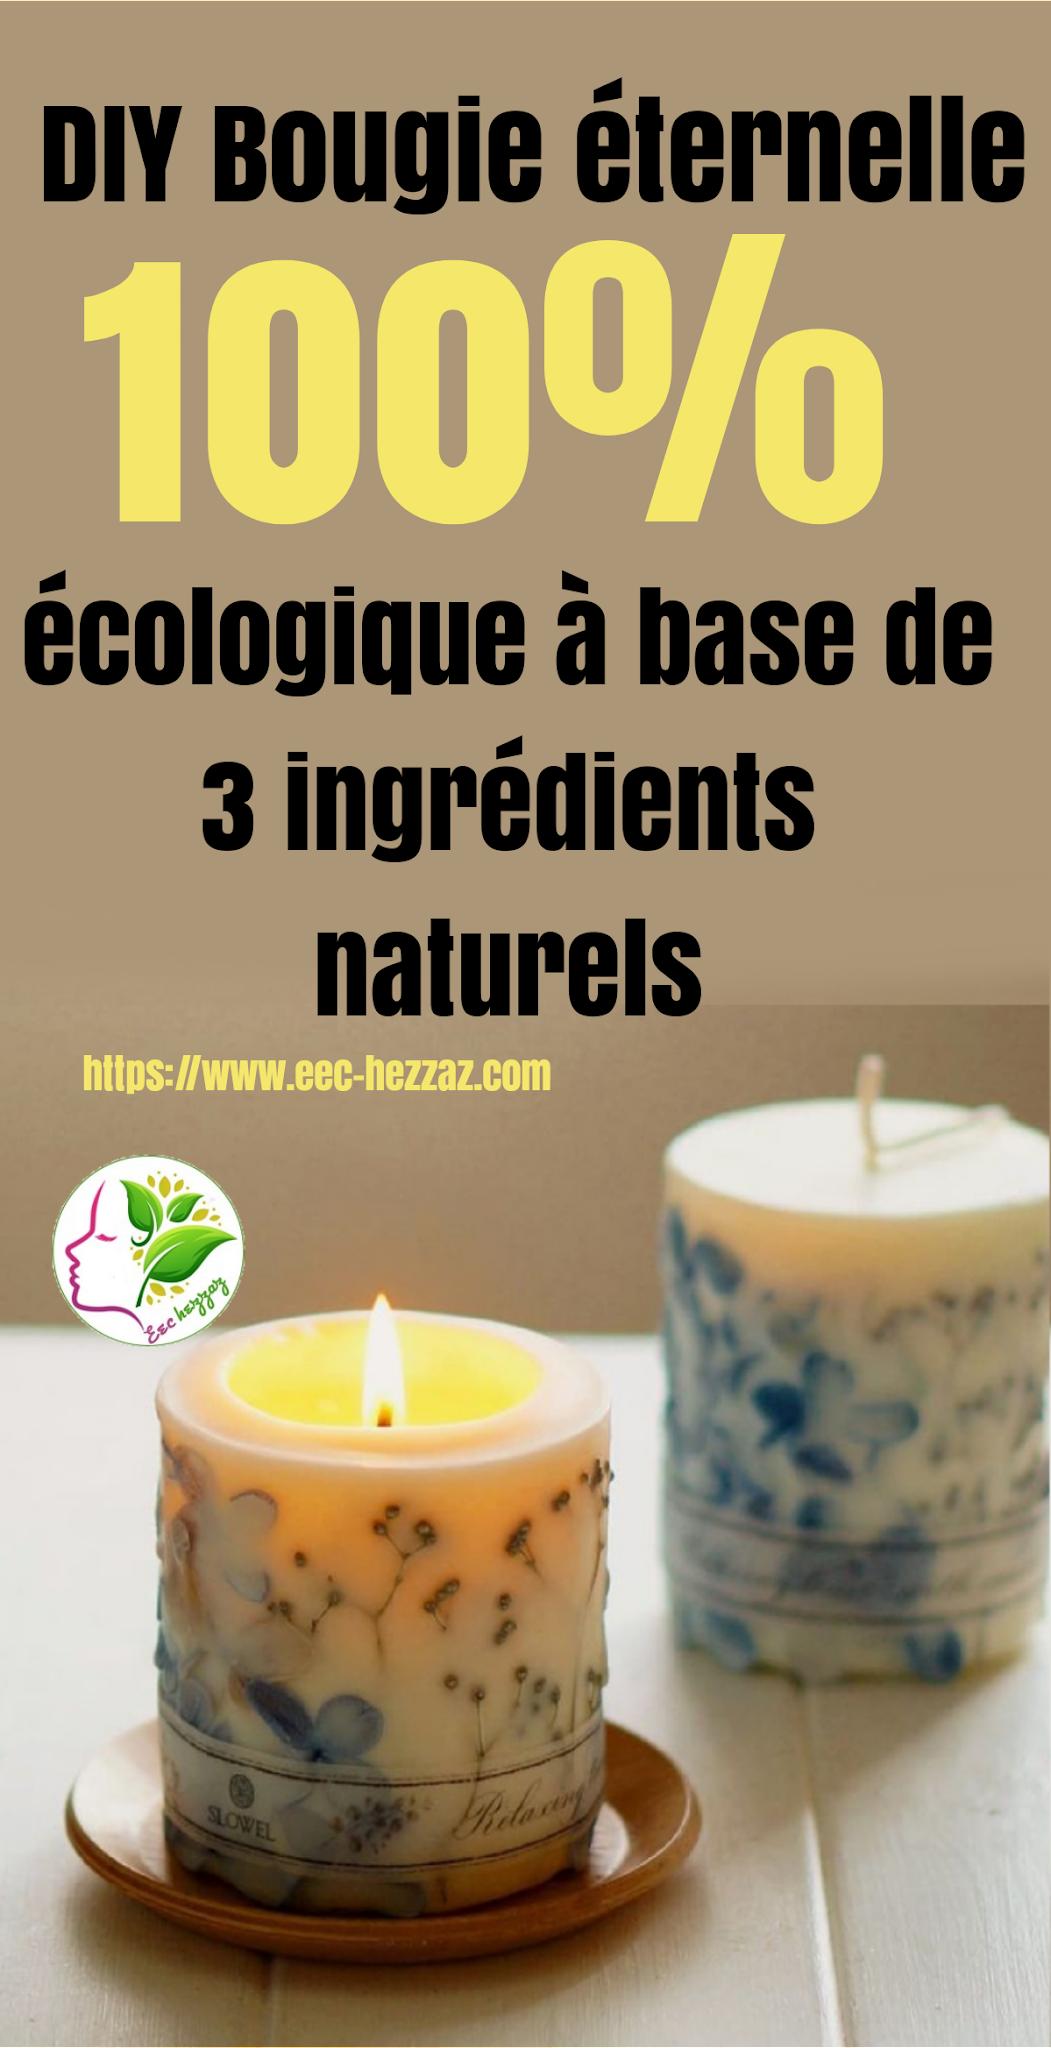 DIY Bougie éternelle 100% écologique à base de 3 ingrédients naturels